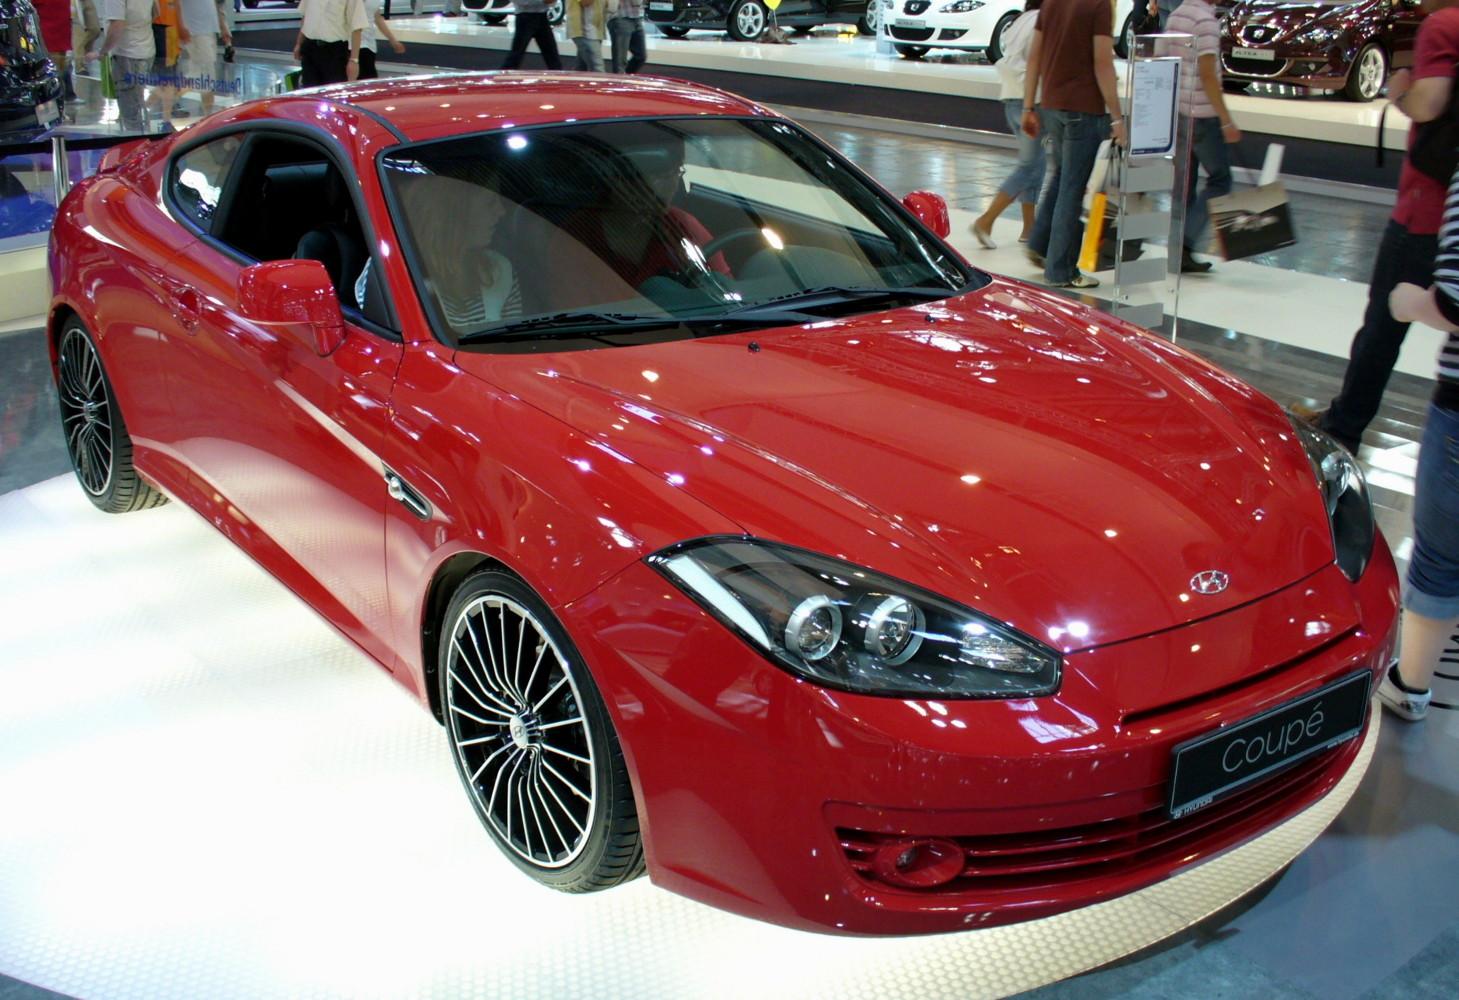 Hyundai Coup 2007